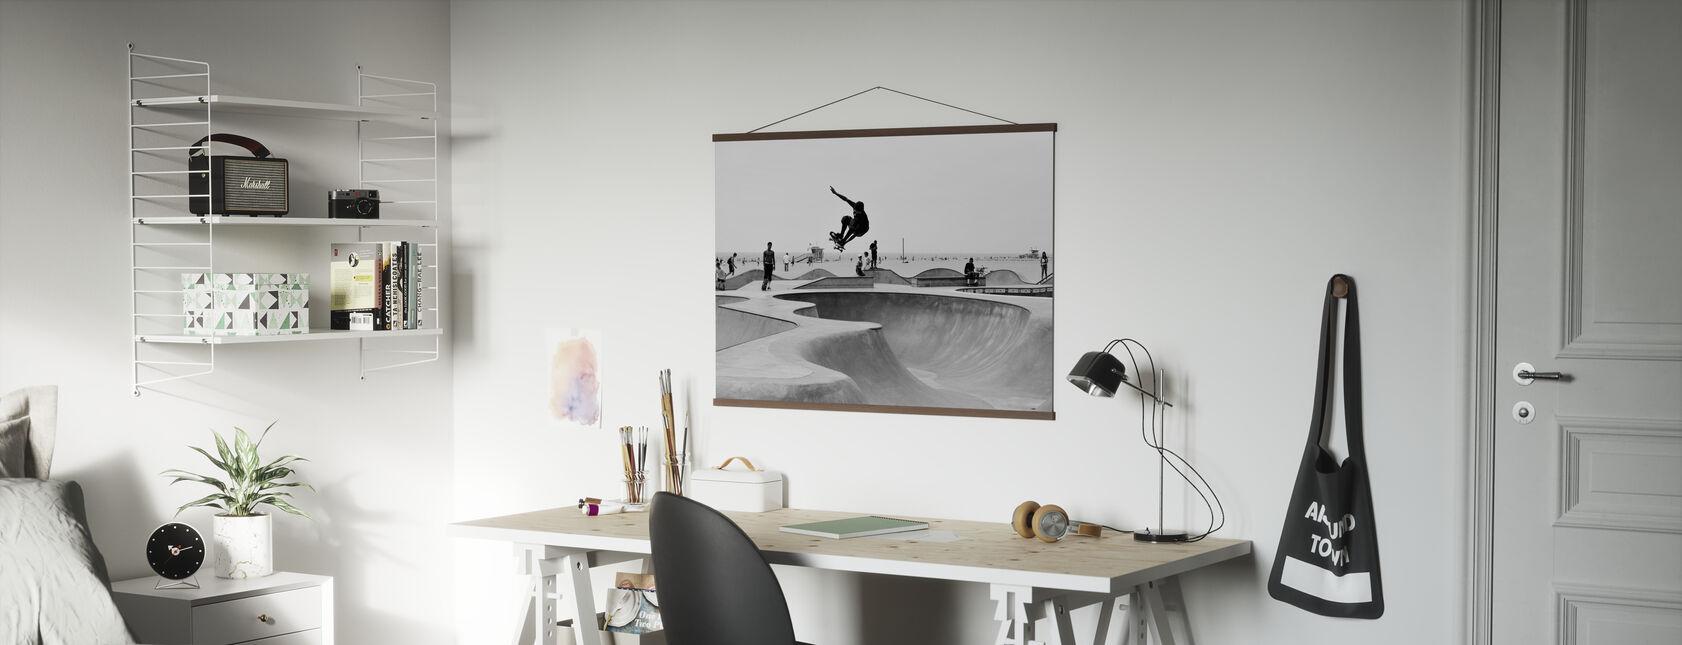 Skate Park - Poster - Office